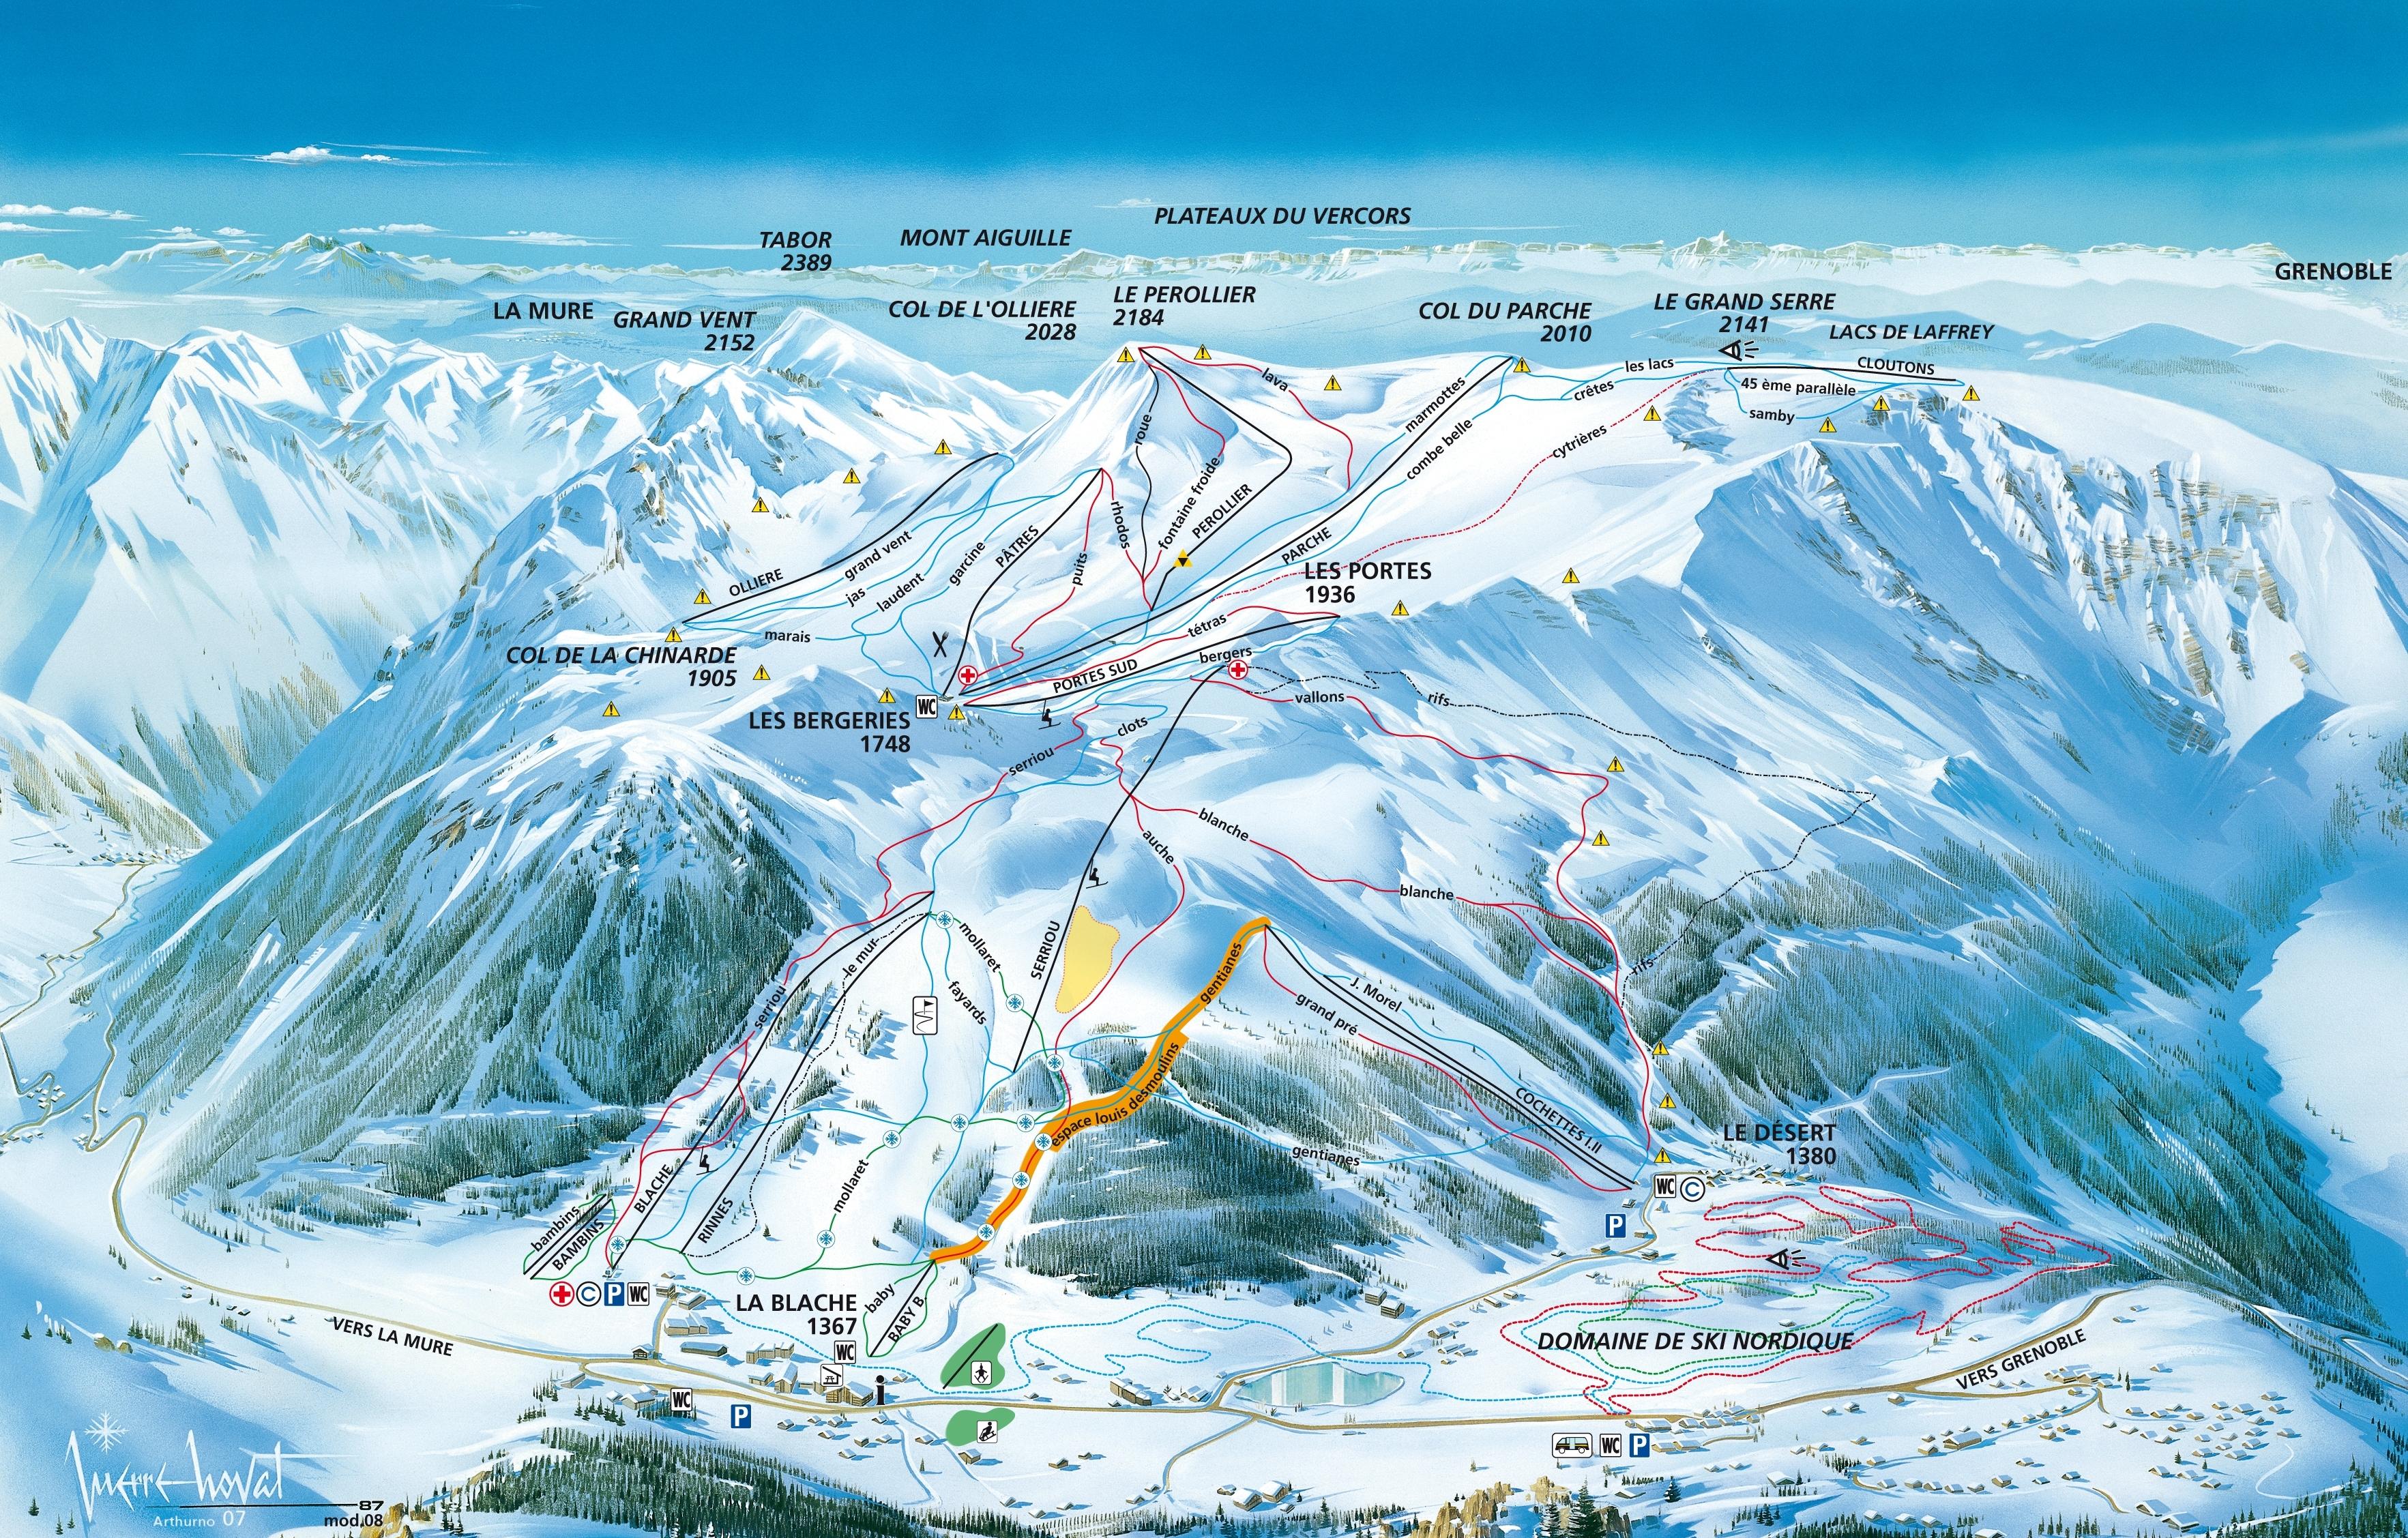 Alpe du Grand-Serre Piste / Trail Map